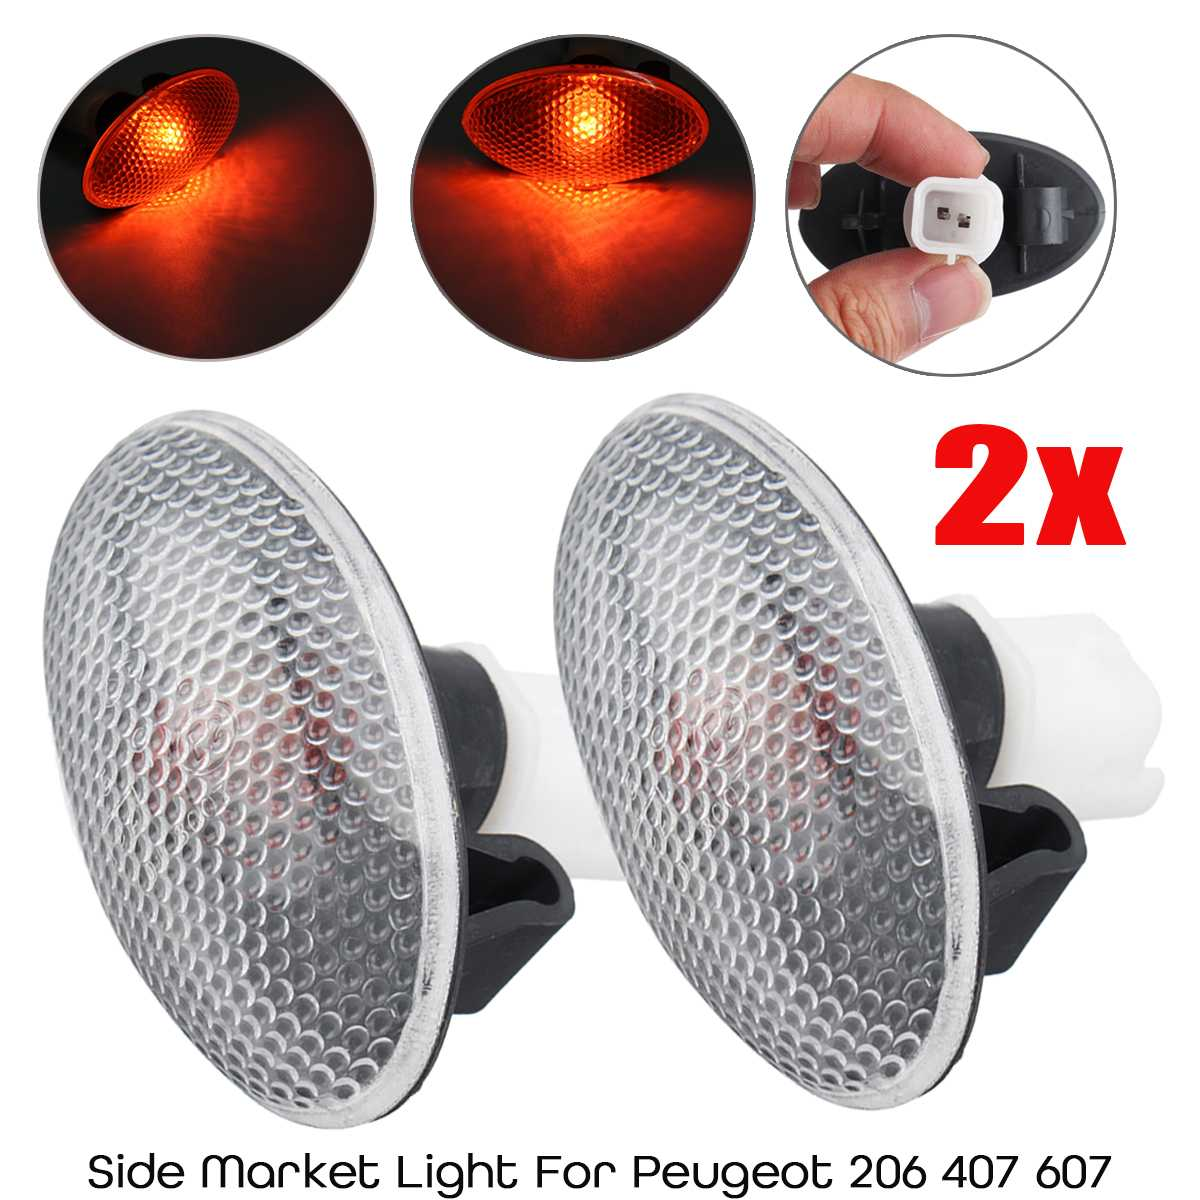 1 Paar Voor Peugeot 206 407 607 12 V 55 W Auto Side Indicator Marker Licht Repeater Licht Lamp 632574 Bevordering Van Gezondheid En Genezen Van Ziekten